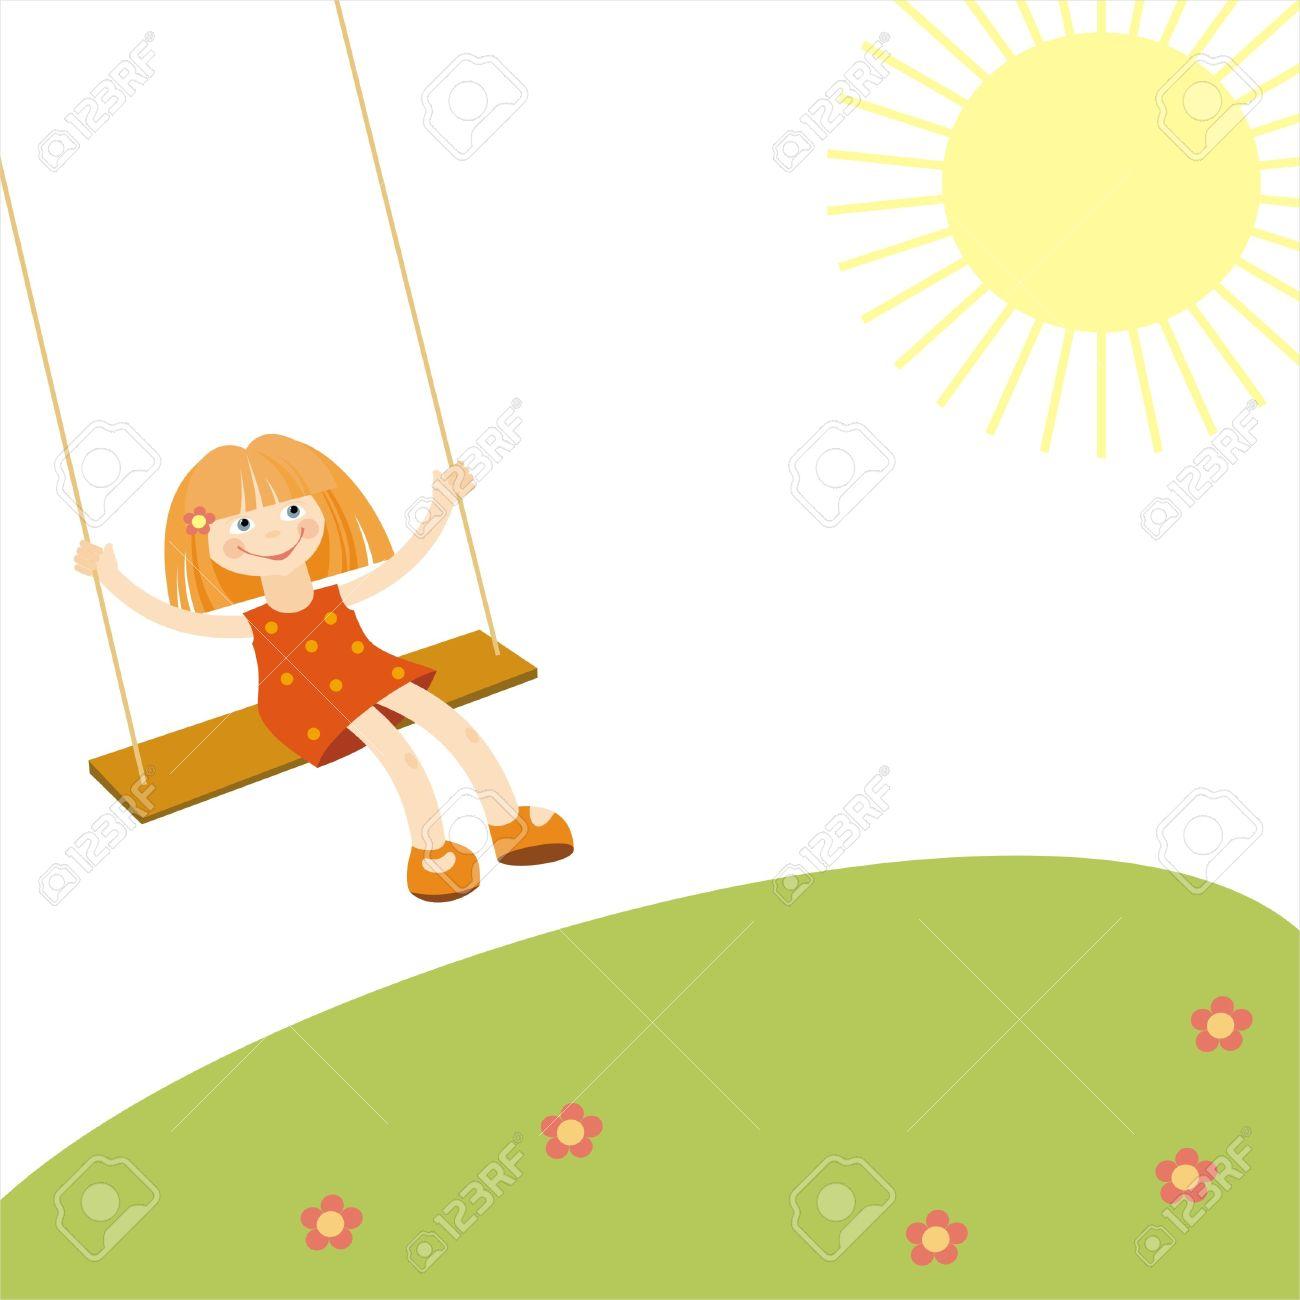 banque dimages petite fille sur une balanoire illustration